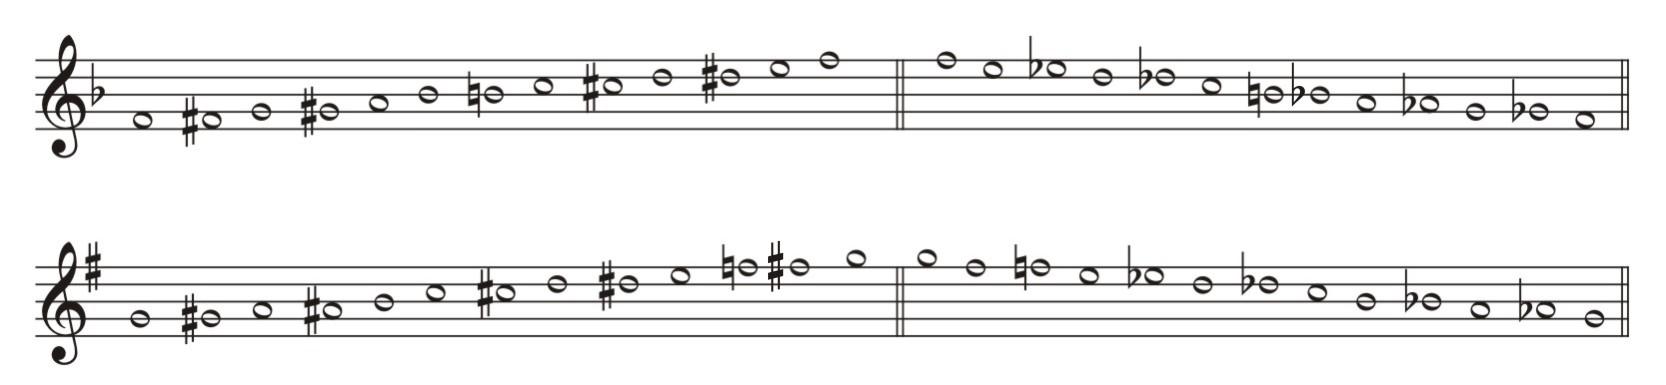 <p>传统半音阶的一般写法是,凡音阶上行都用升号,下行都用降号.图片